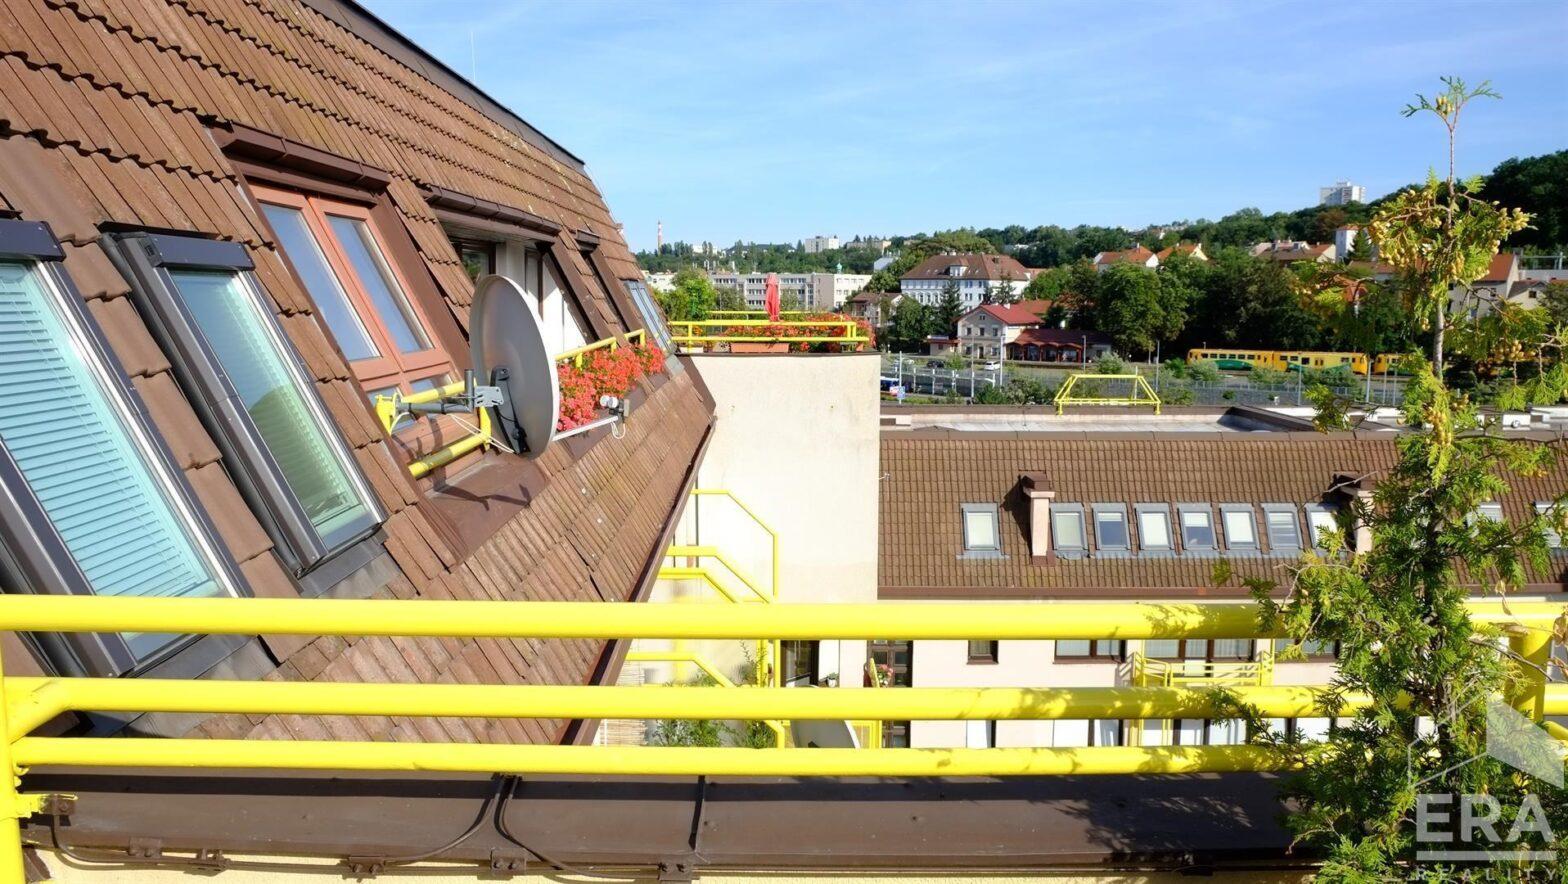 Pronájem penthausu – bytu 4+1, 120 m², terasa 100 m², garážové stání, v lokalitě Vokovice – pro náročné   ul. Ke dvoru, Praha 6                                                       28 000 Kč/měs.